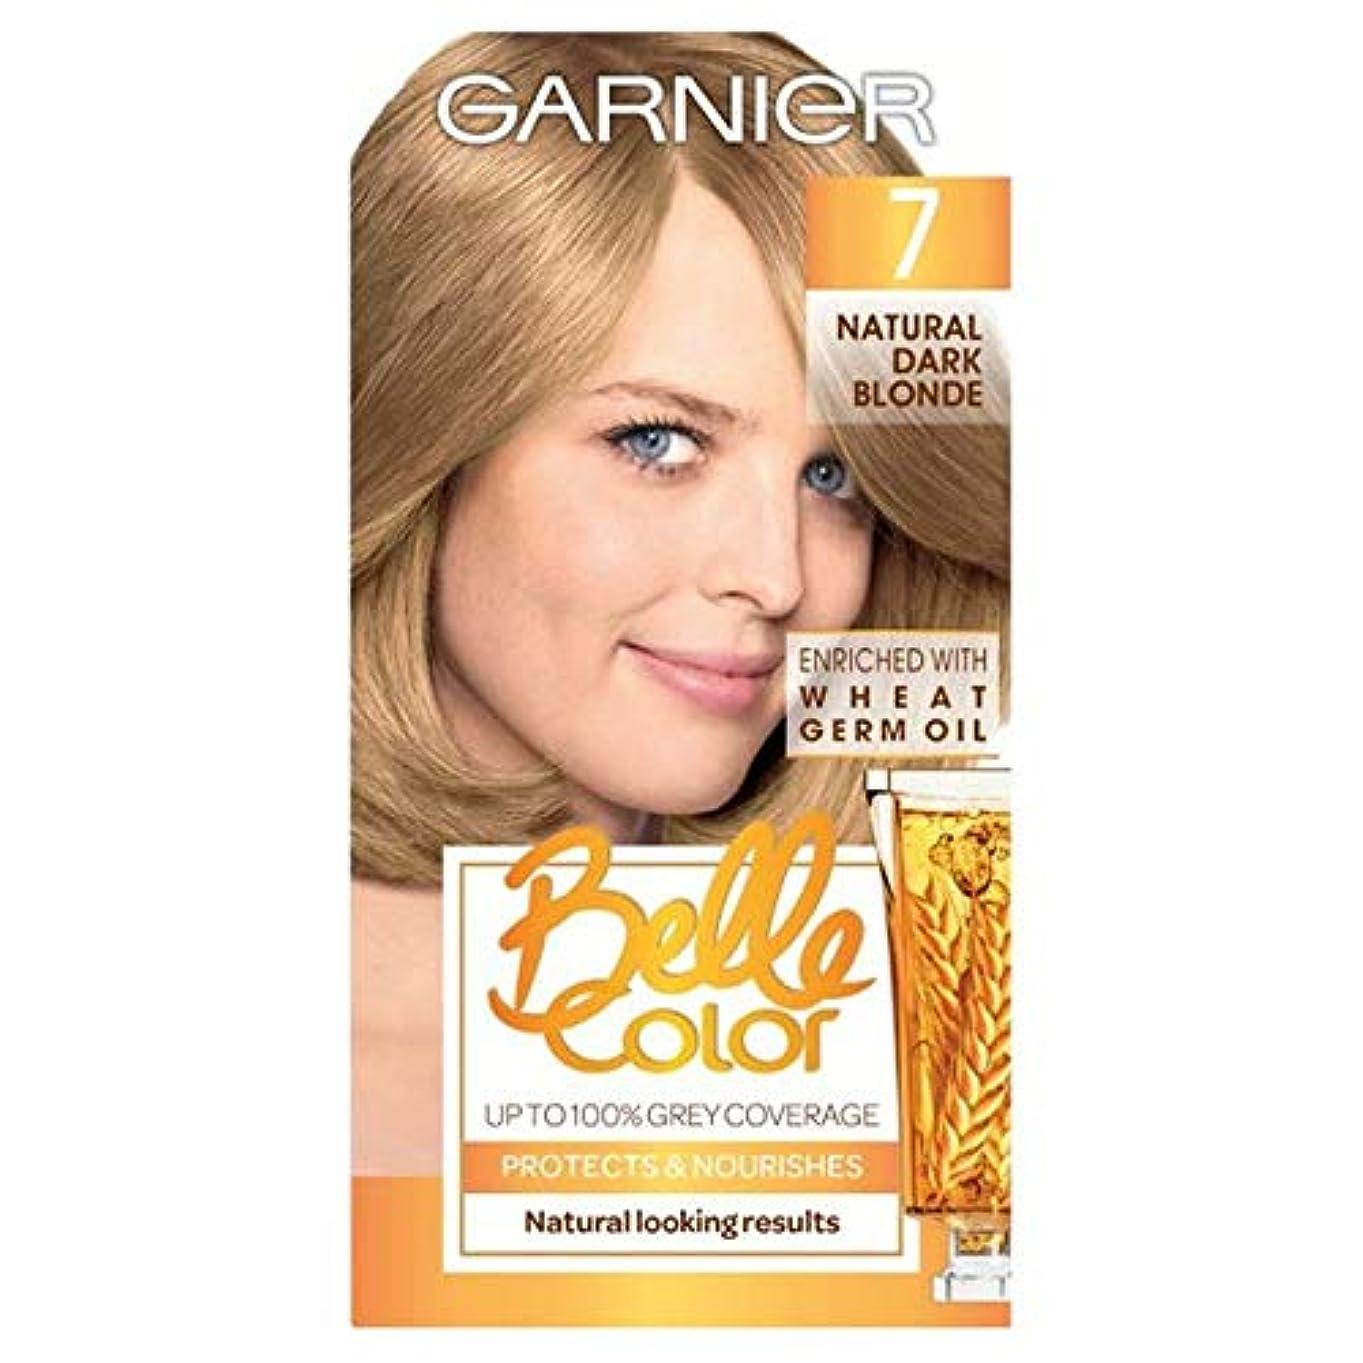 韓国水銀のぴかぴか[Belle Color ] ガーン/ベル/Clr 7ナチュラルダークブロンドパーマネントヘアダイ - Garn/Bel/Clr 7 Natural Dark Blonde Permanent Hair Dye [並行輸入品]